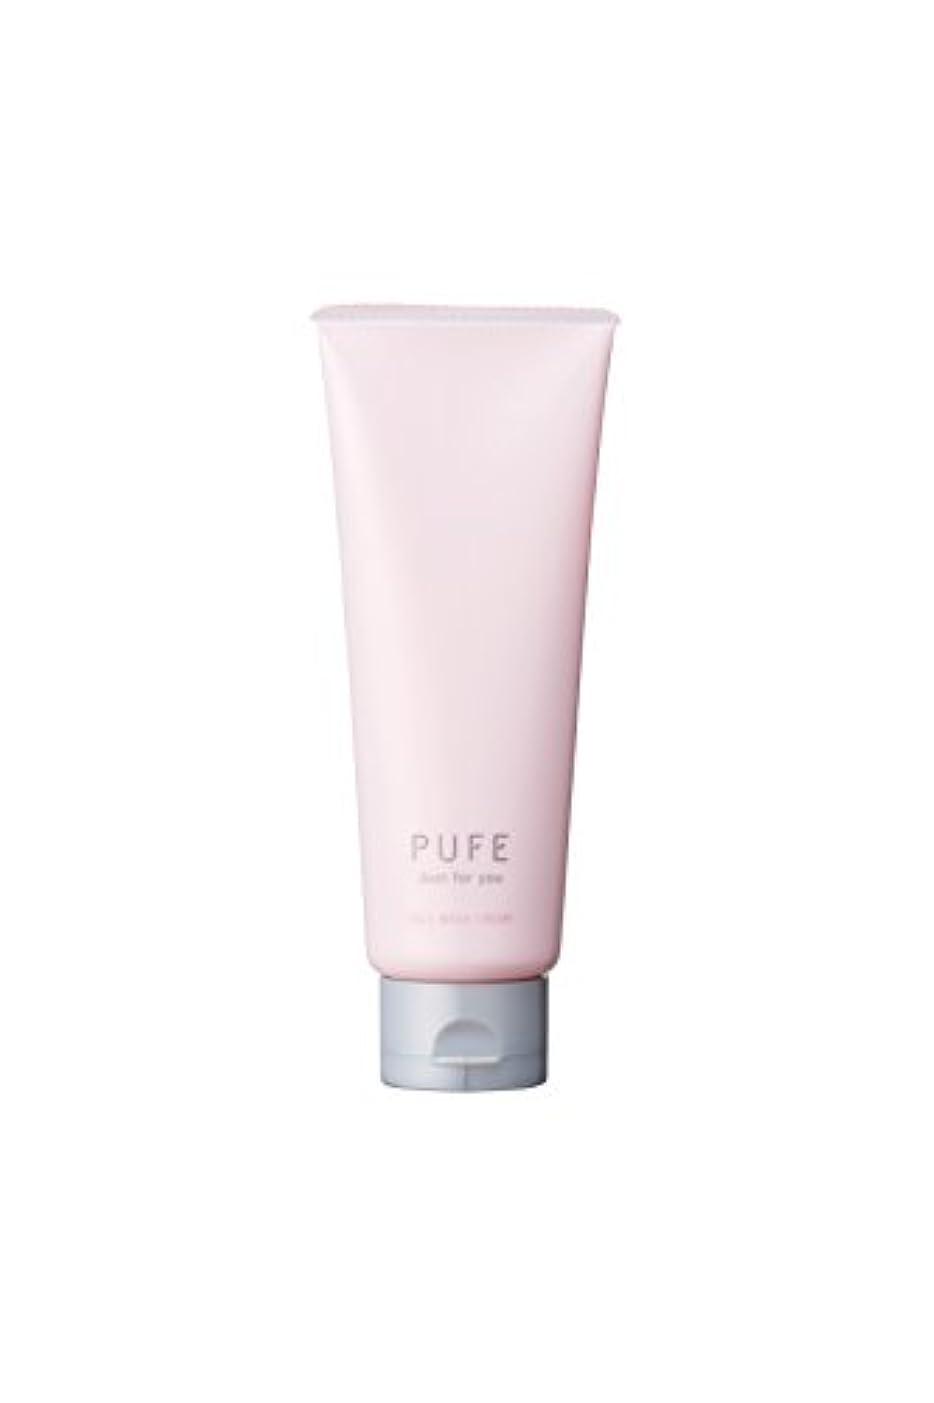 ポケットブルジョンブースPUFE 酵素洗顔クリーム (1本100g)